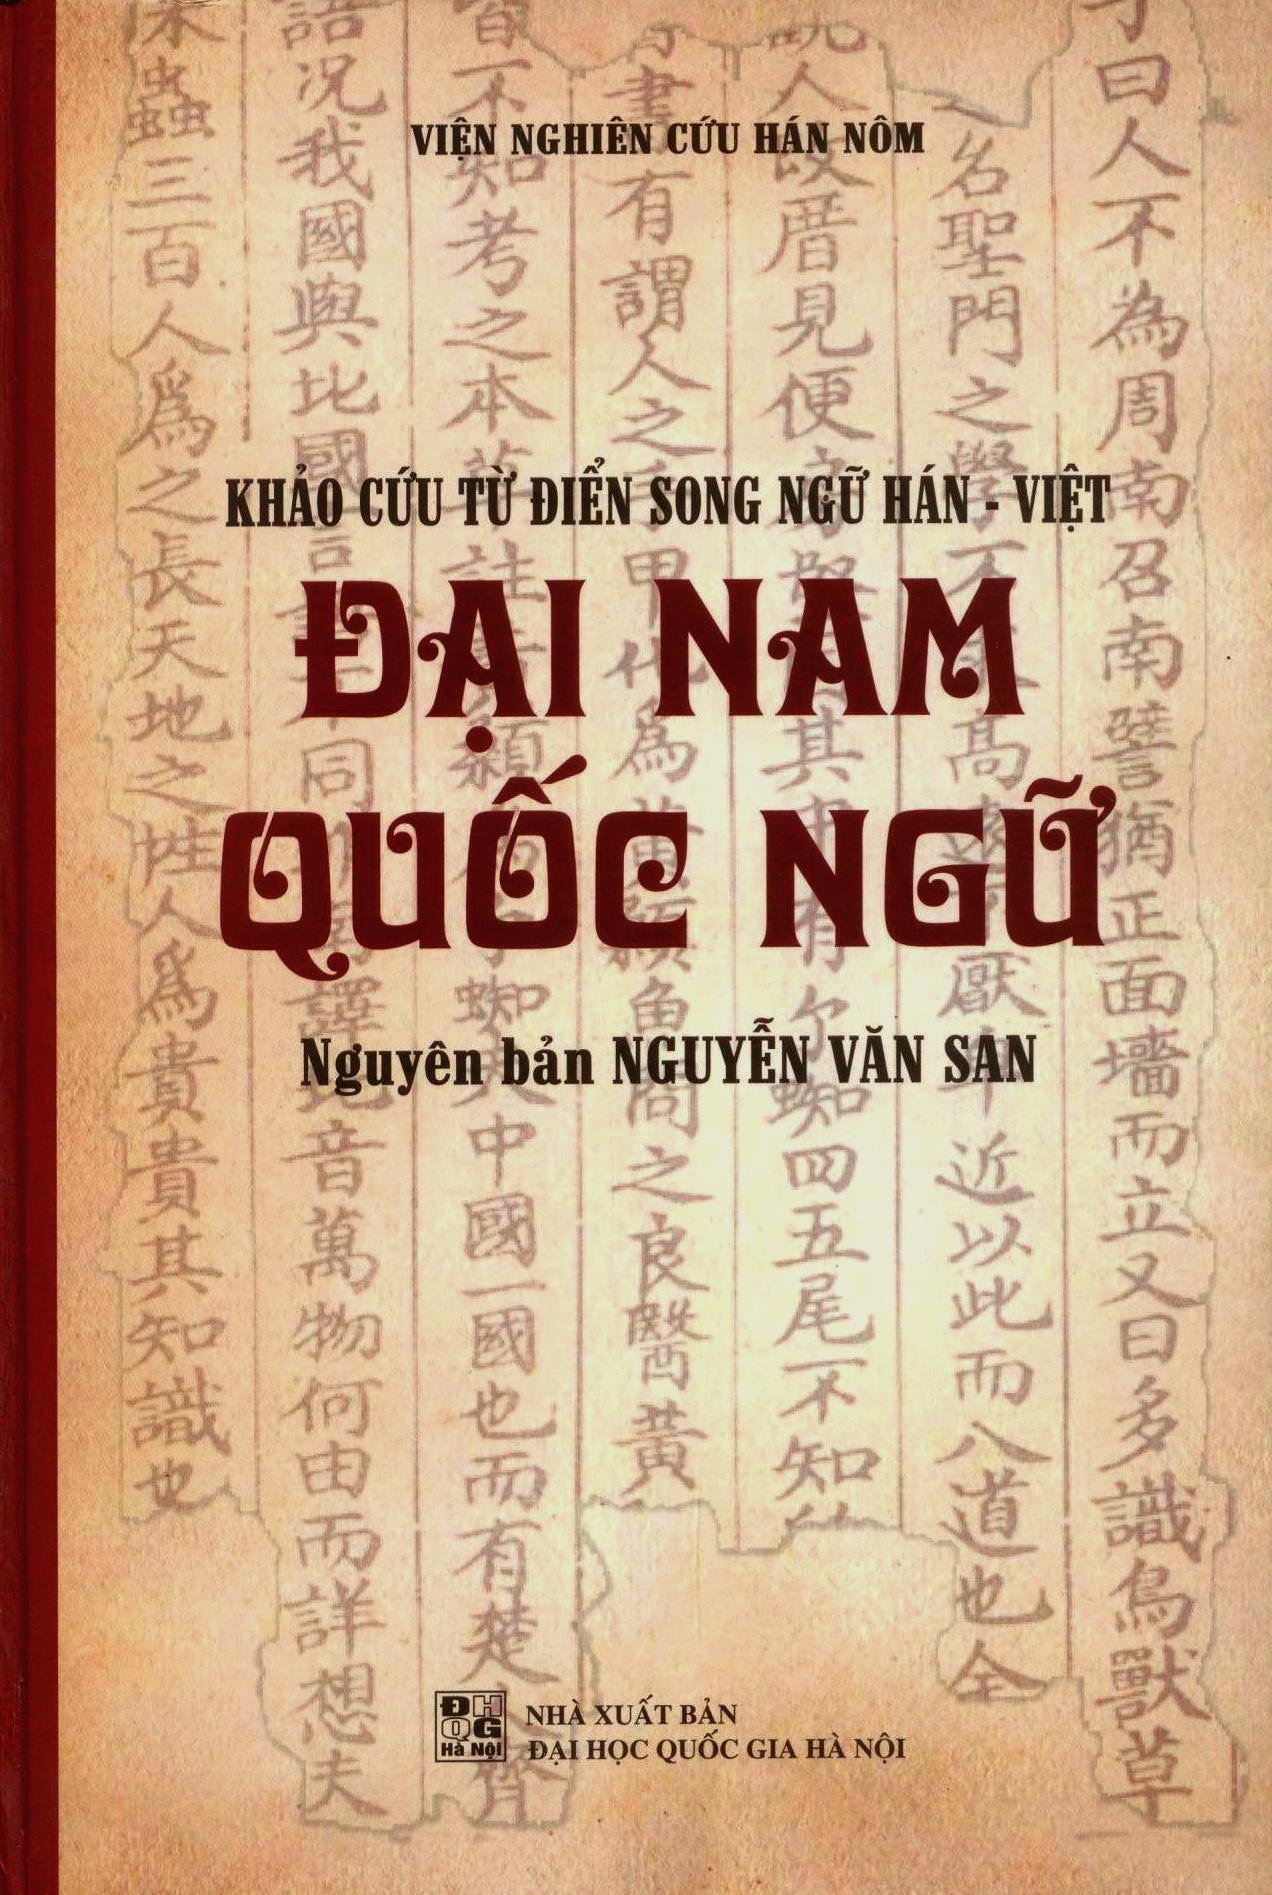 Khảo cứu từ điển Song ngữ Hán - Việt (Đại Nam Quốc ngữ)